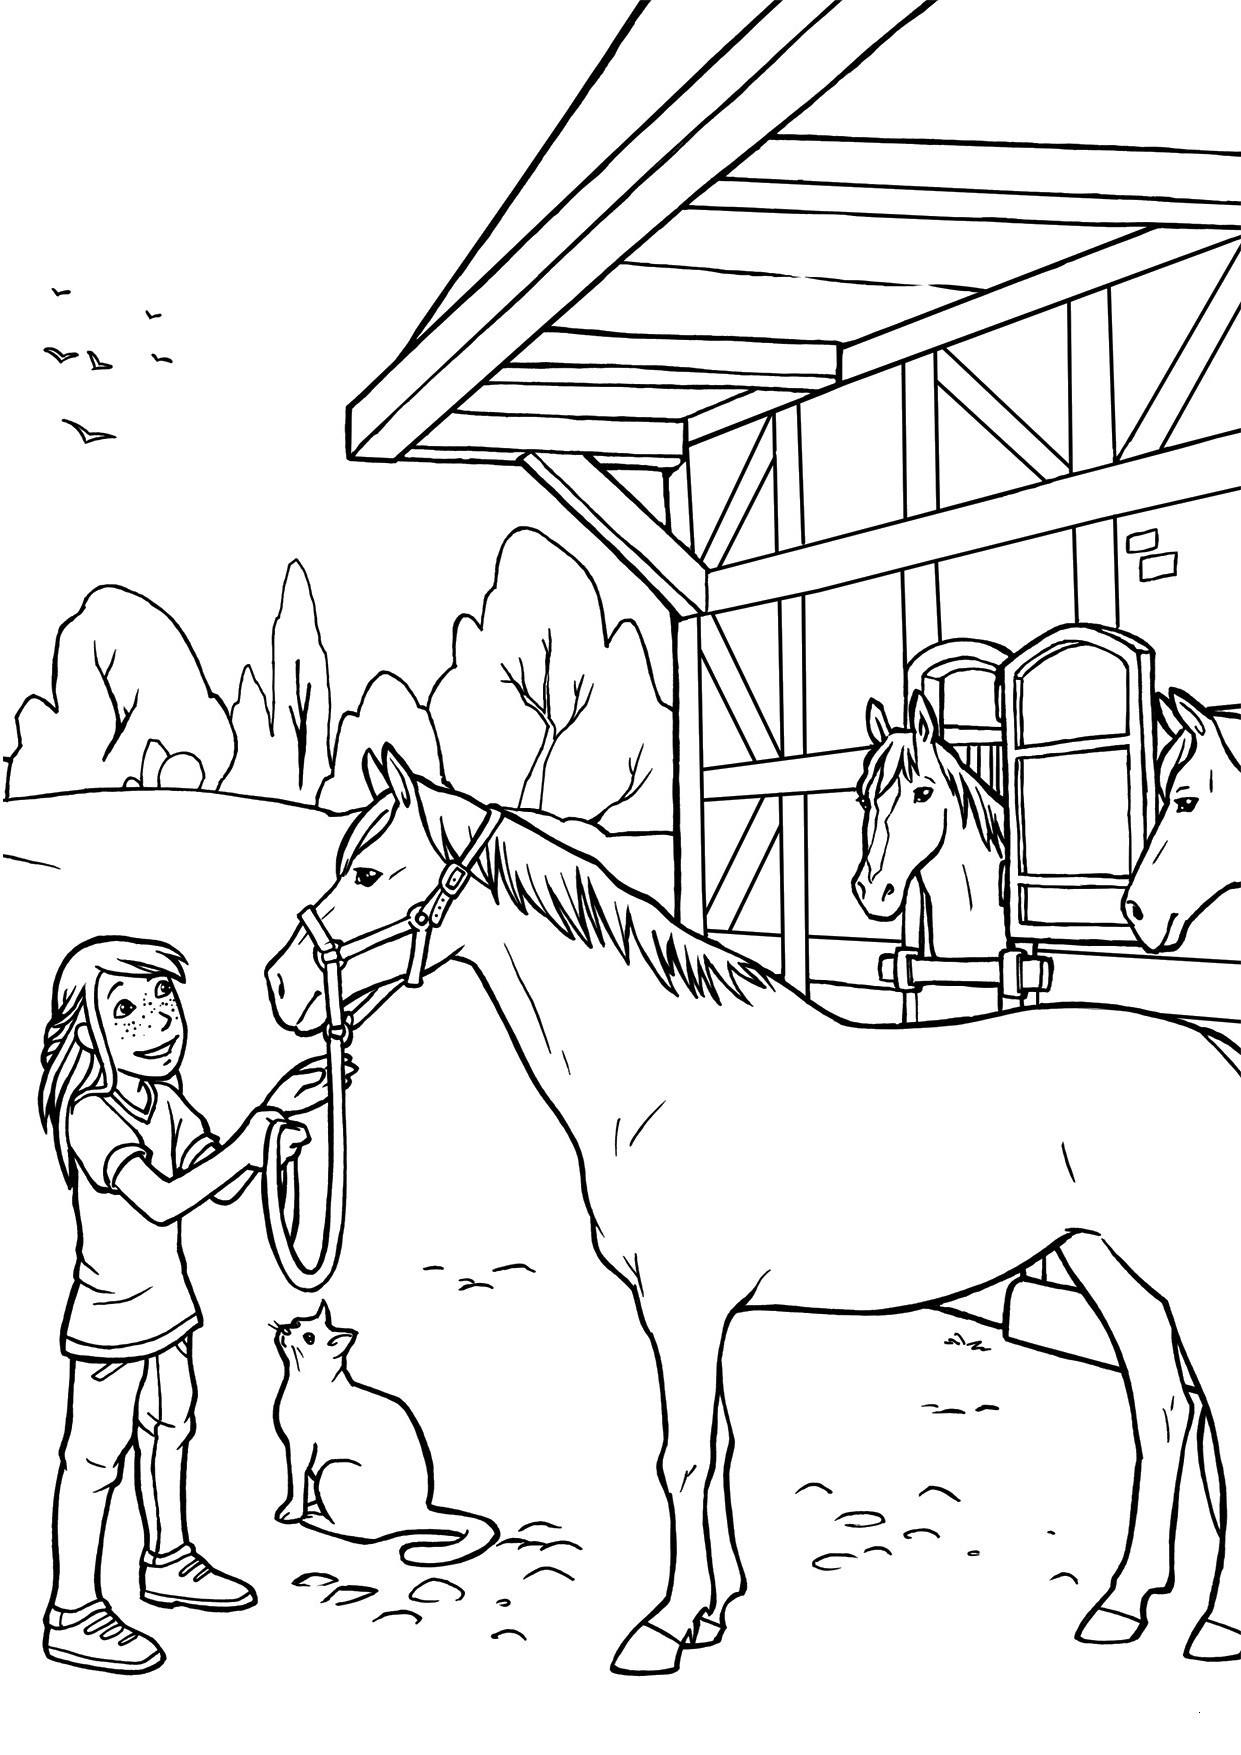 Ausmalbilder Pferde Turnier Einzigartig 34 Einzigartig Unicorn Zum Ausmalen – Malvorlagen Ideen Fotografieren